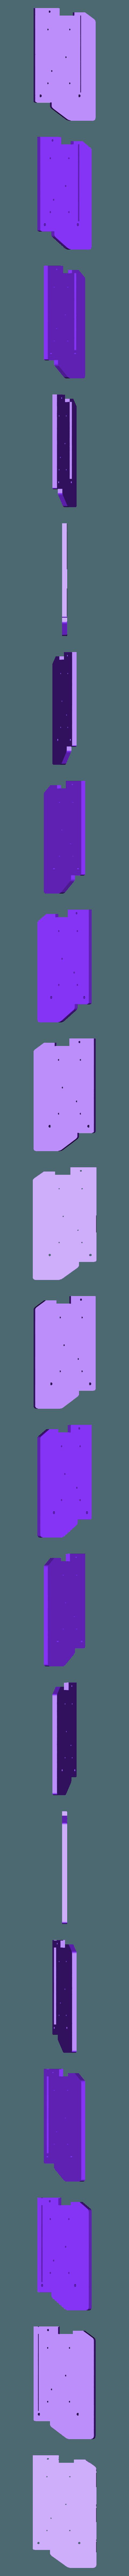 side_RT_panel_GB1_CUT_REAR_v2.stl Télécharger fichier STL gratuit Ghostbuster Ghostbuster Ghosttrap • Modèle pour impression 3D, SLIDES